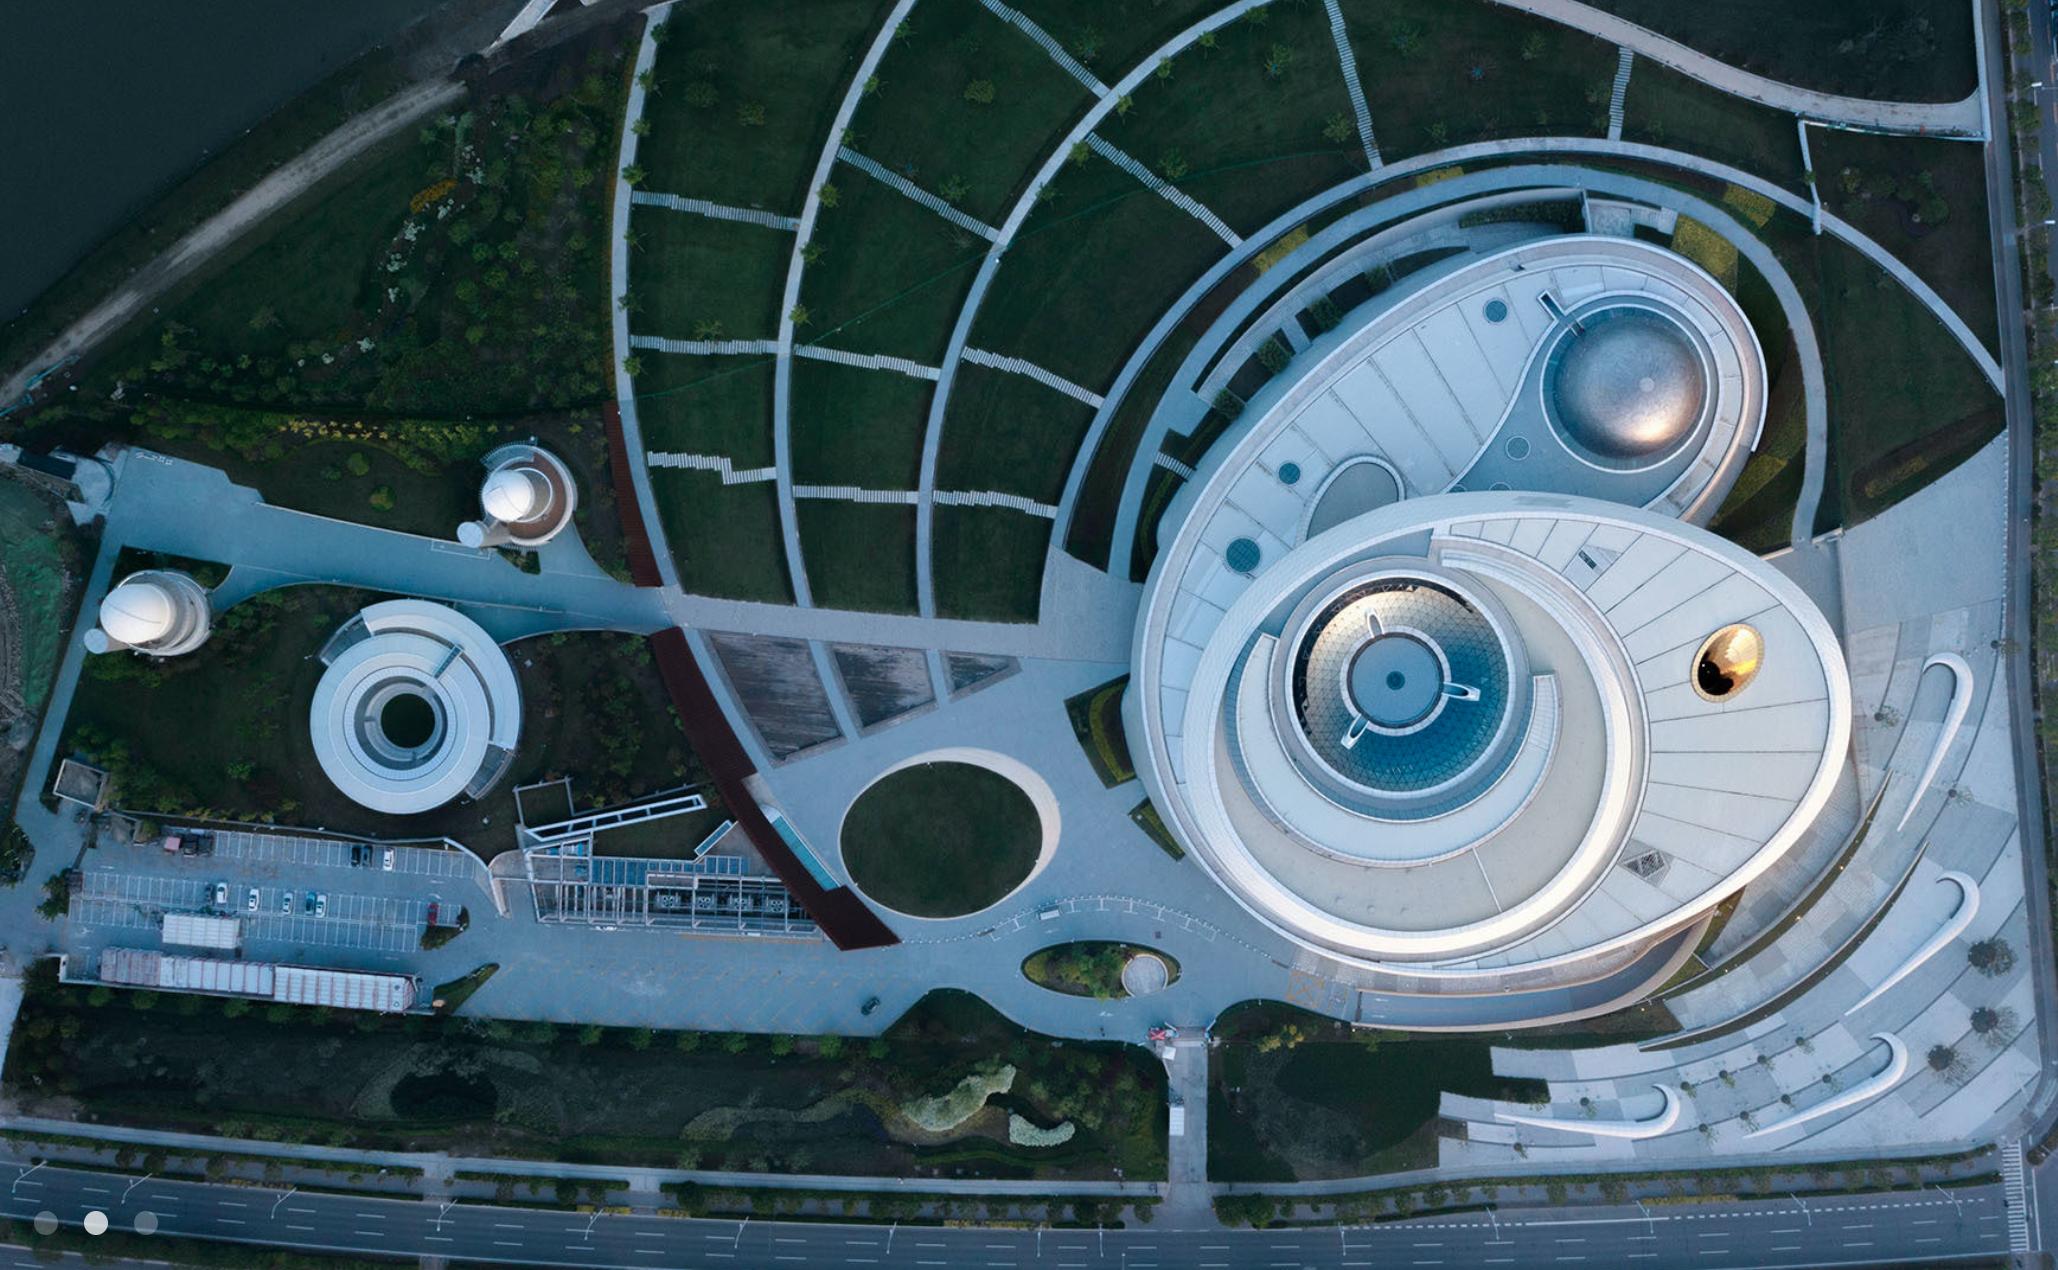 planetario-de-shanghái-el-más-grande-del-mundo-se-inauguro-en-china-2-alt